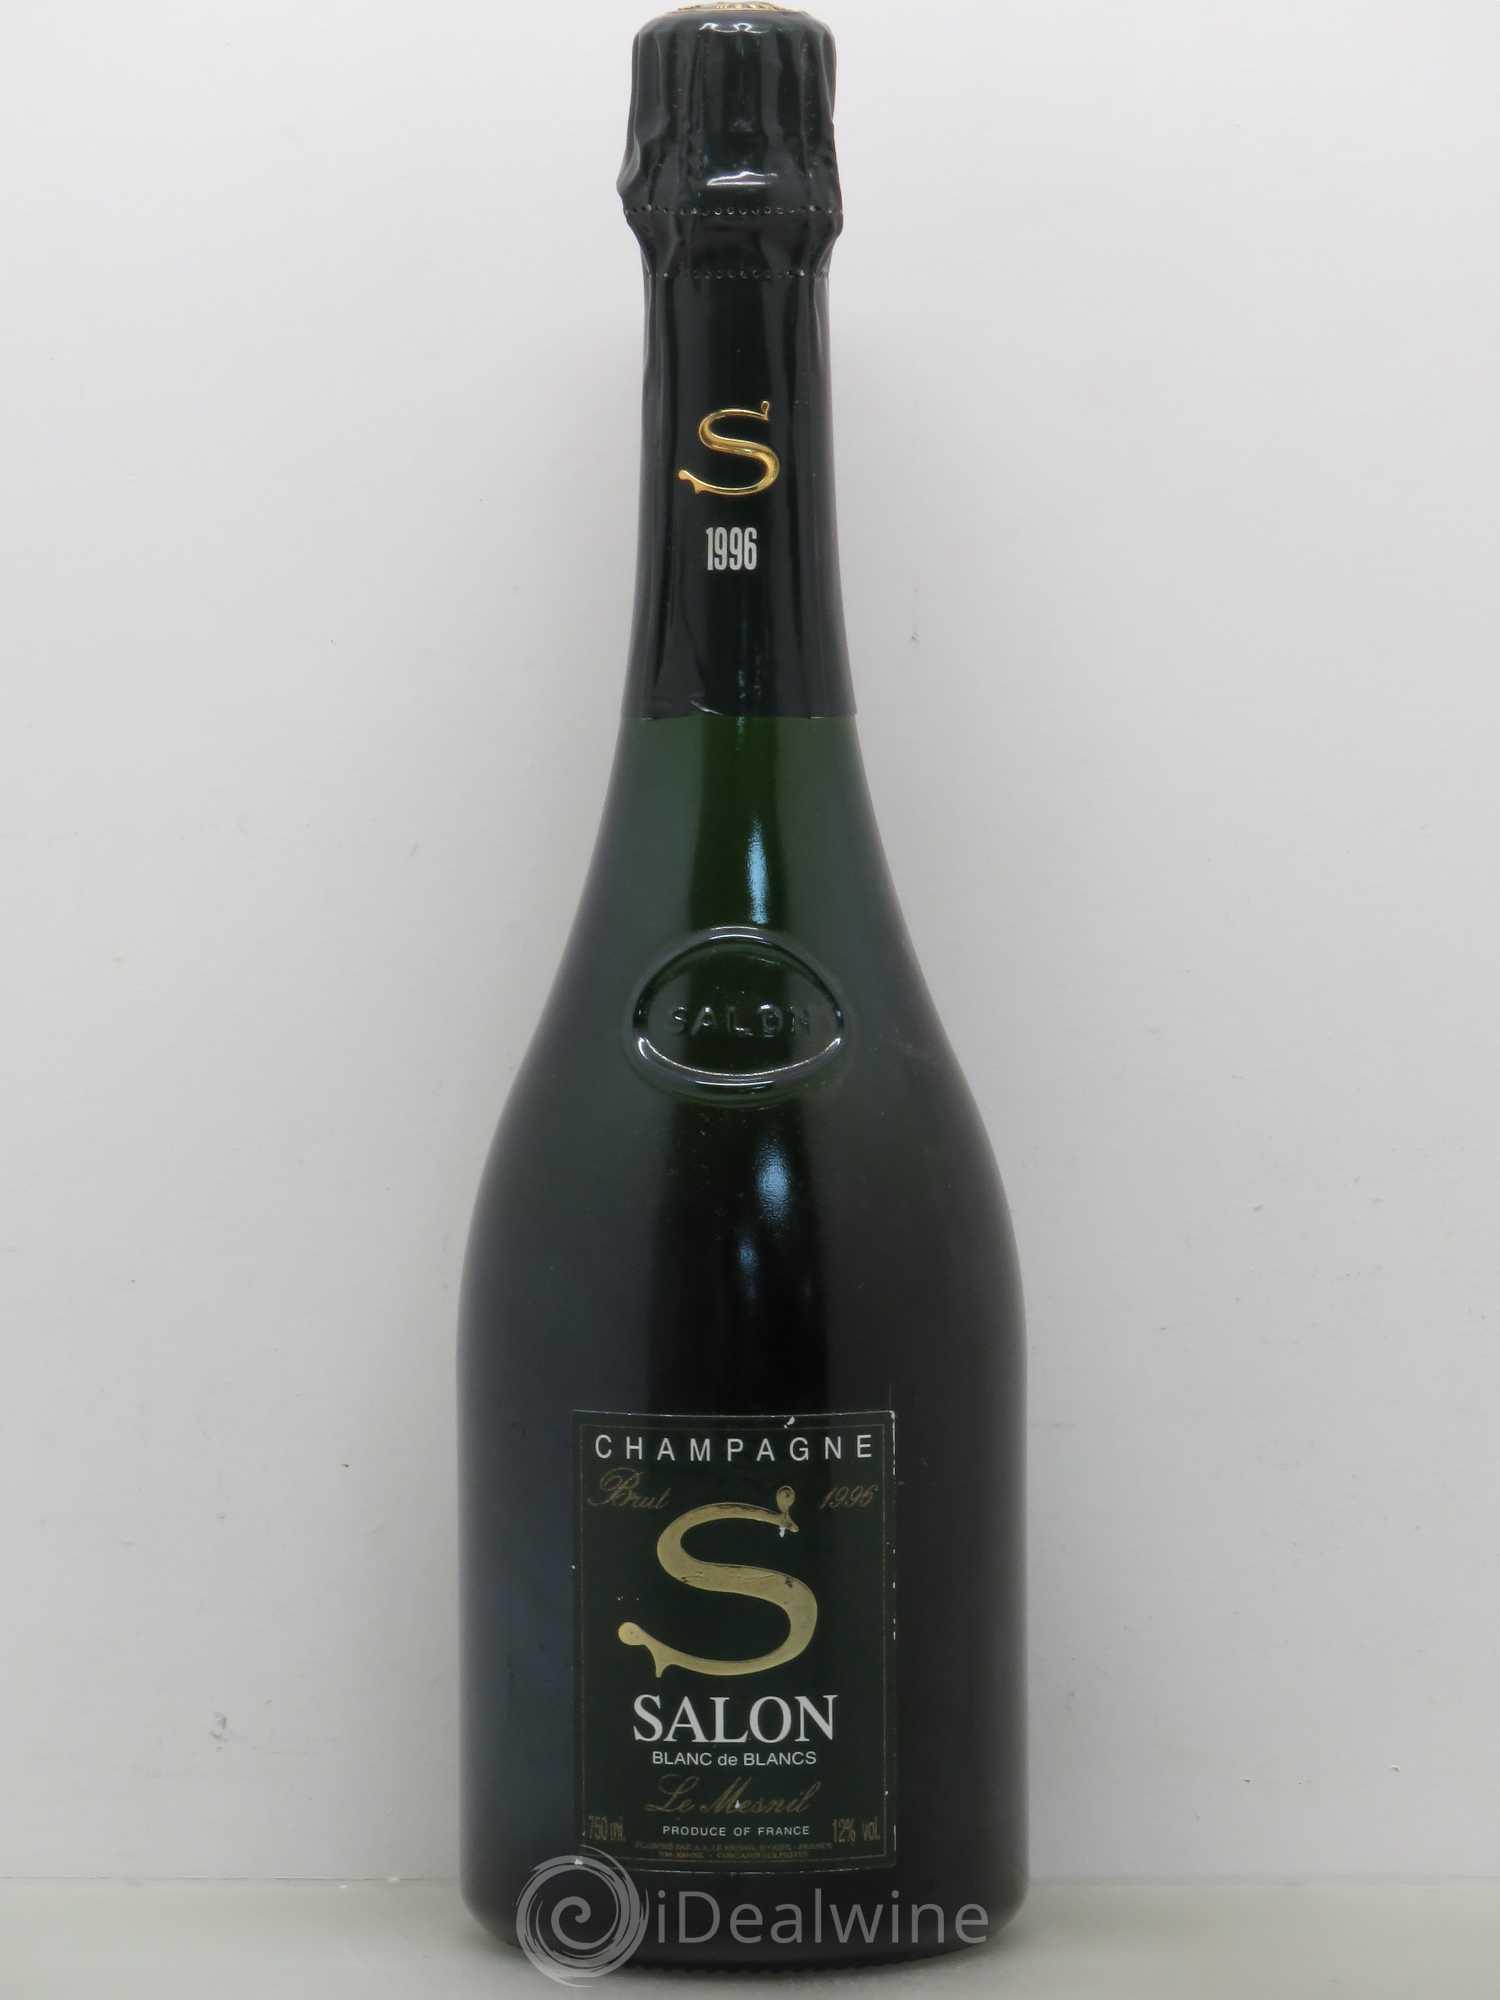 Cuvée S Salon 1996